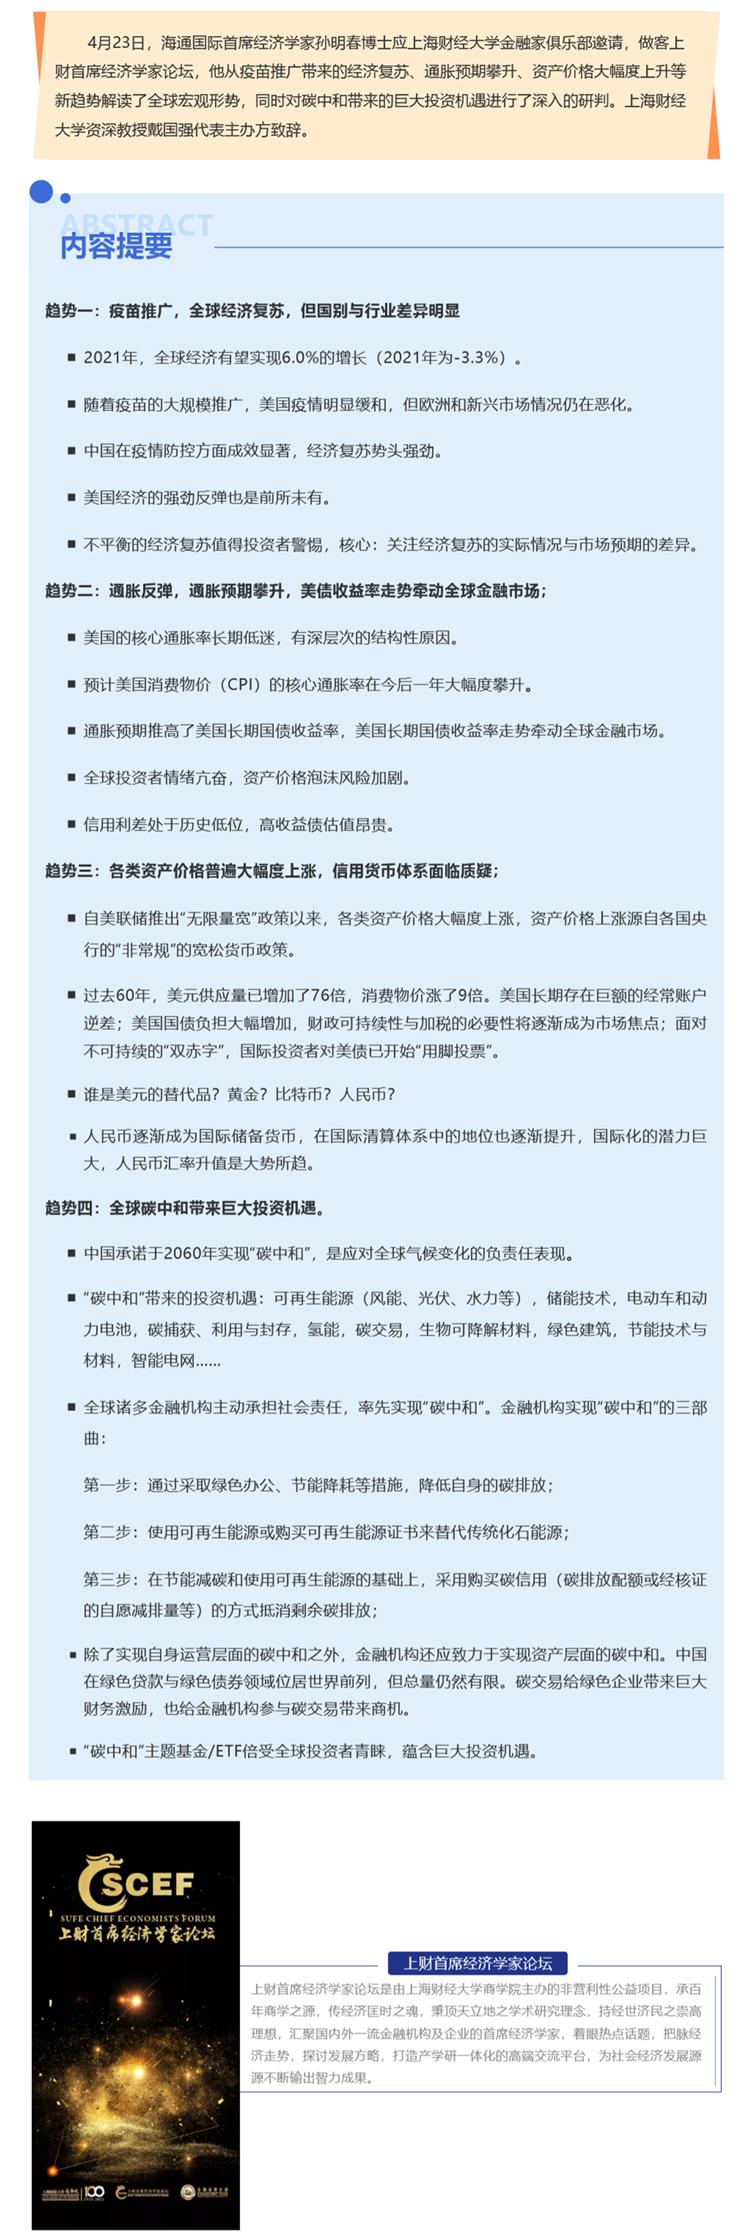 FireShot Capture 037 - FM金融家·有声沙龙 - 孙明春:全球宏观与金融市场新趋势 - mp.weixin.qq.com.png